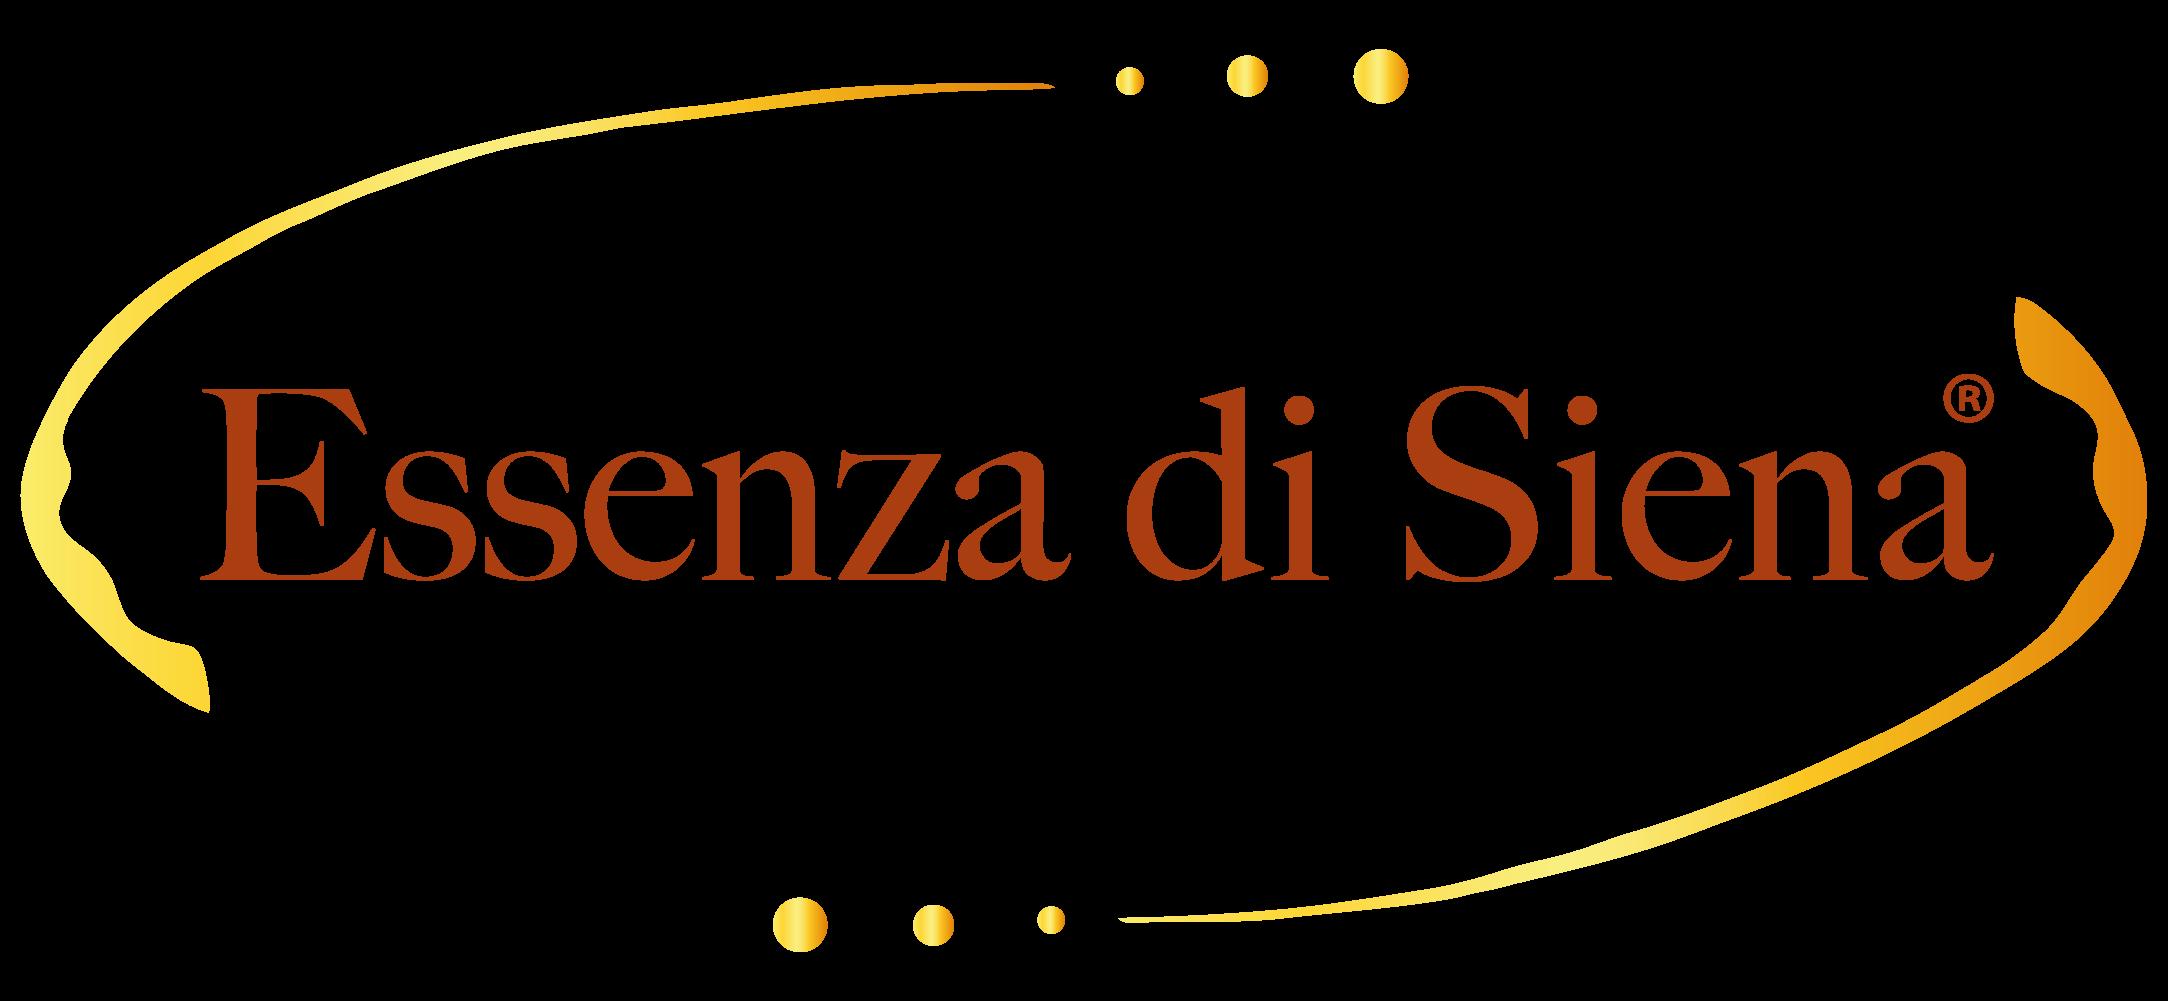 Essenza di Siena